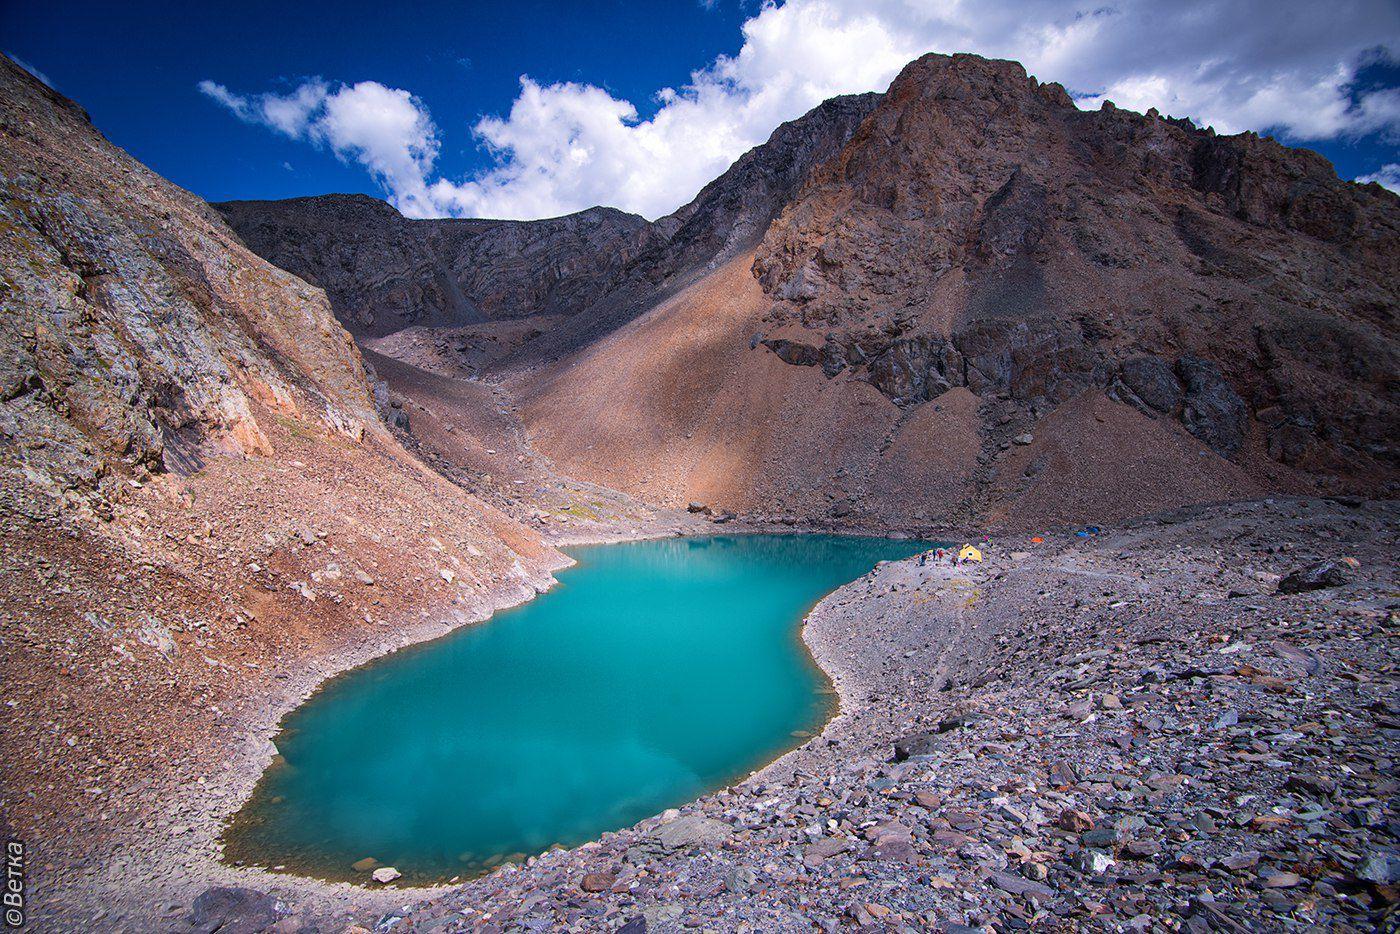 День 4 - Ледник Большой Актру и Голубое озеро /12 км, 7-8 часов/